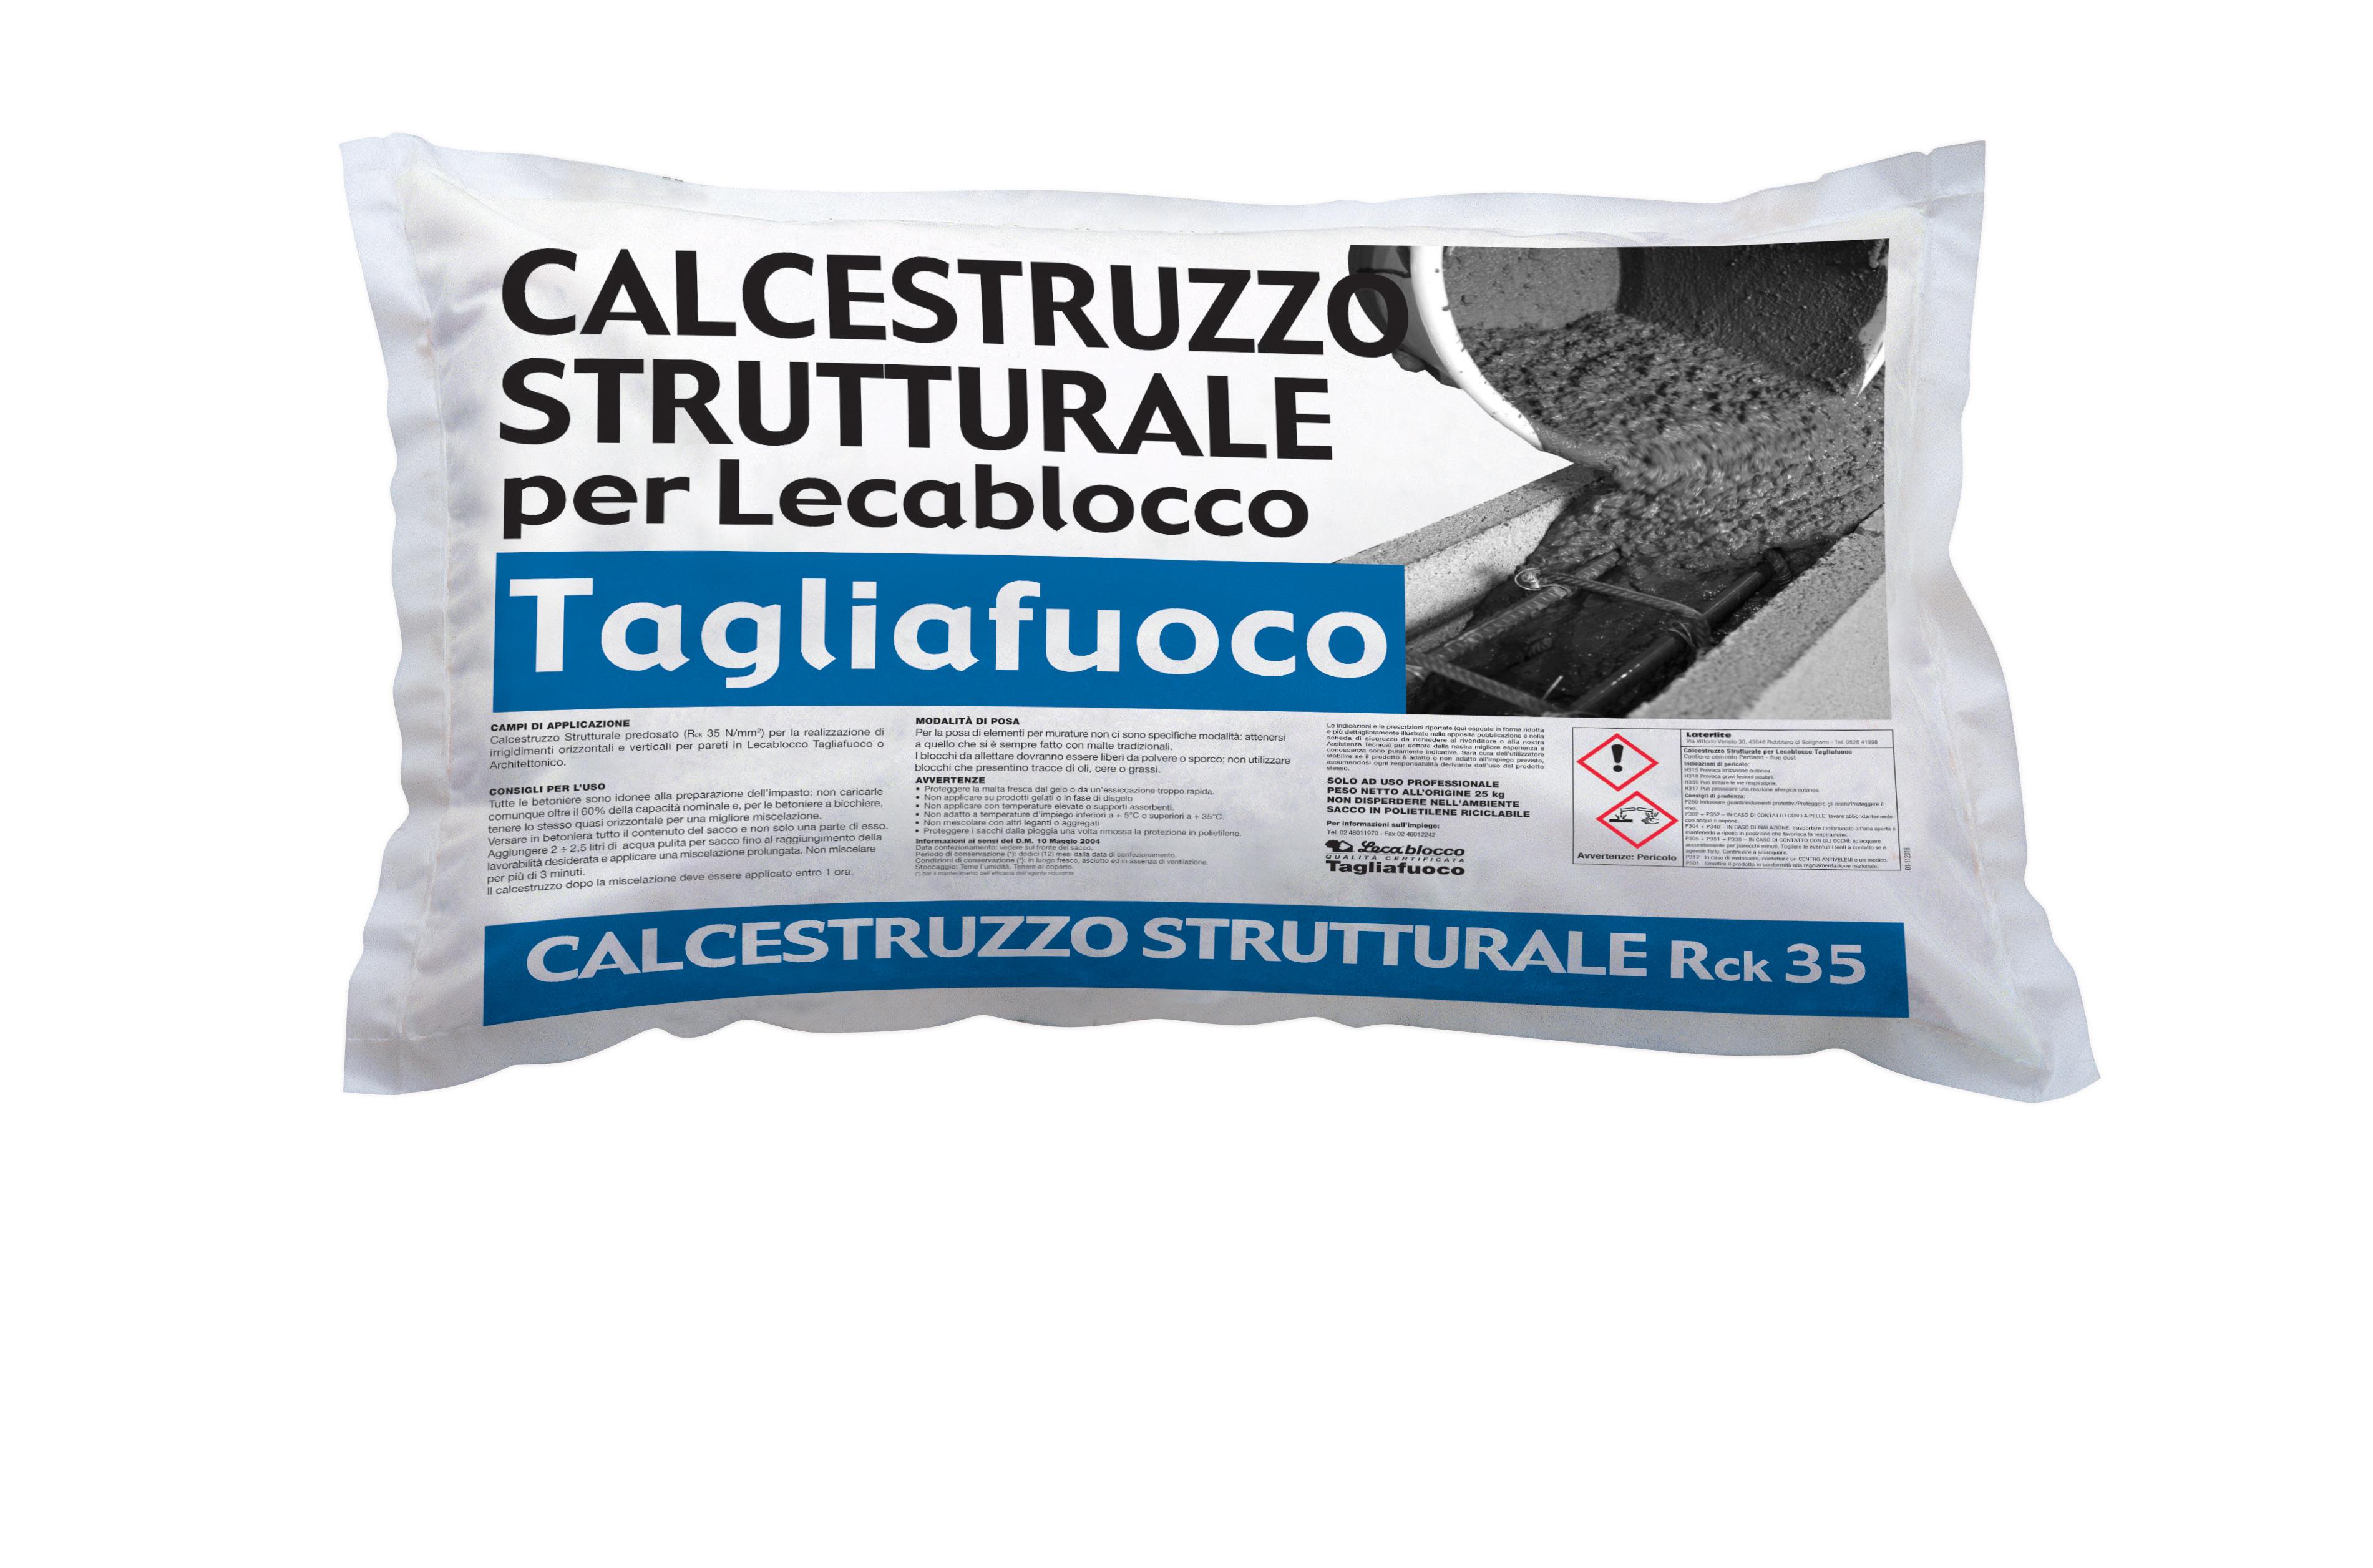 calcestruzzo strutturale per lecablocco tagliafuoco